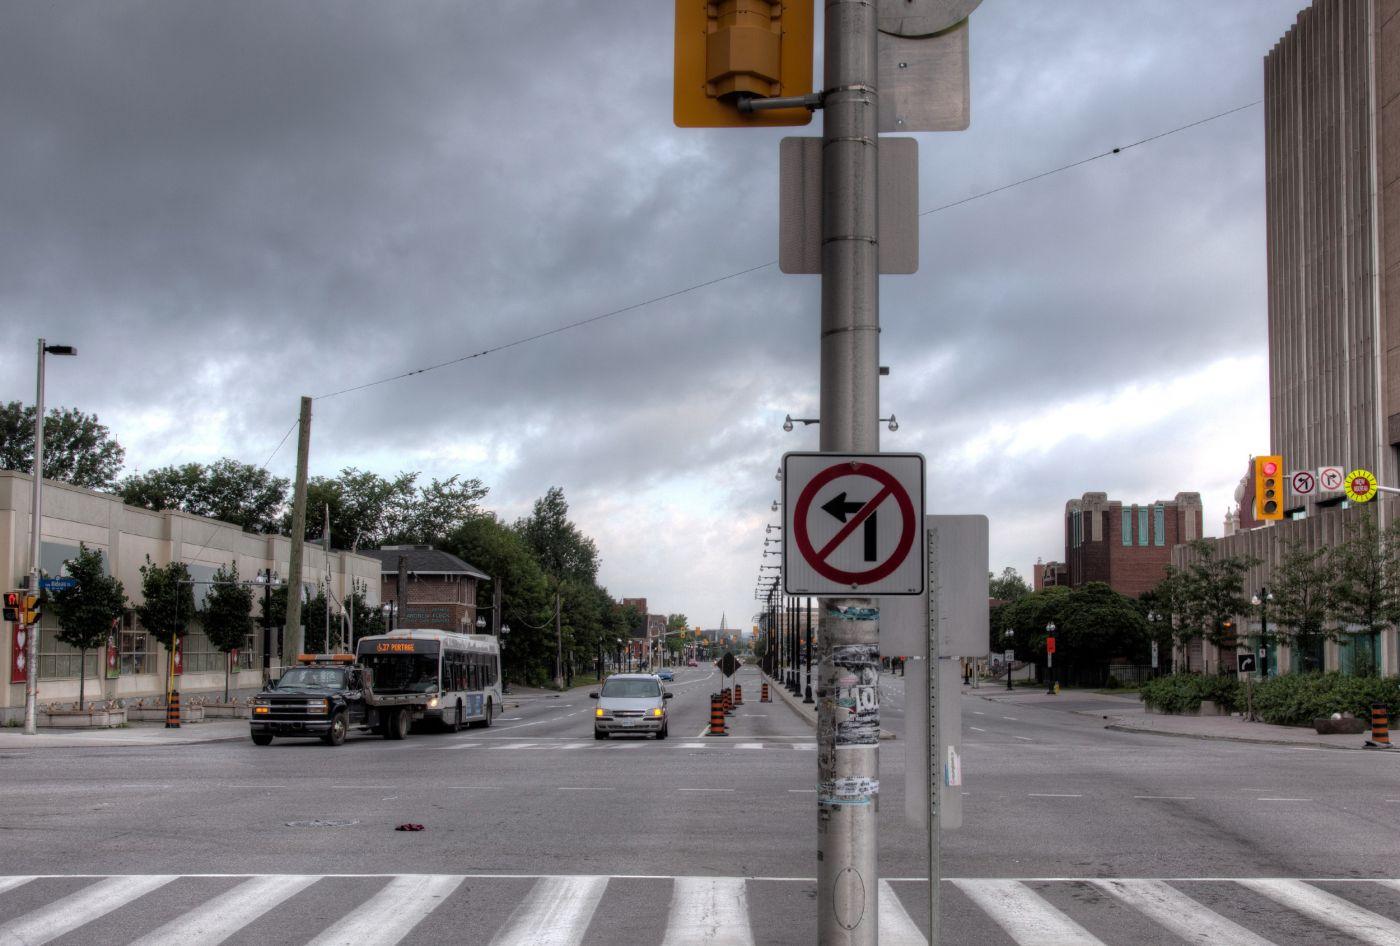 Photographie en couleur d'un boulevard à six voies. On peut y voirdes voitures, un autobus et des panneaux routiers. Un édifice à plusieurs étages et d'autres immeubles récents font aussi partie du paysage.